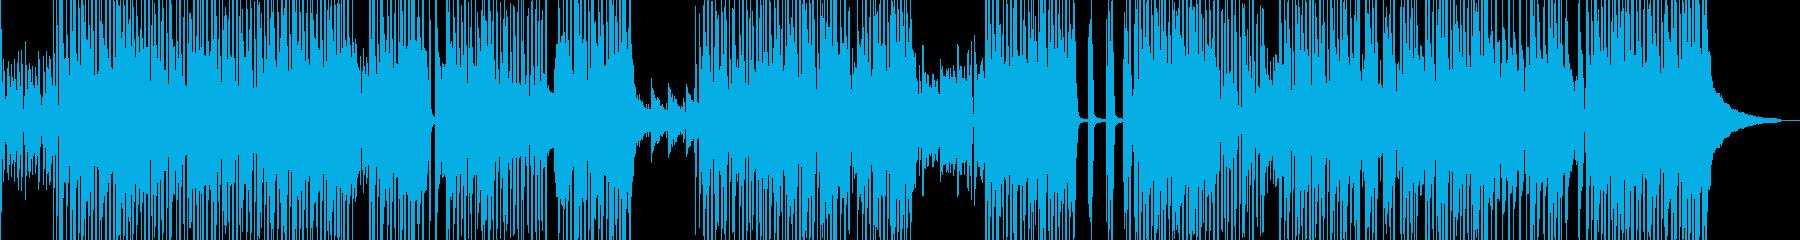 渋くてワイルドなヒップホップ 長尺の再生済みの波形